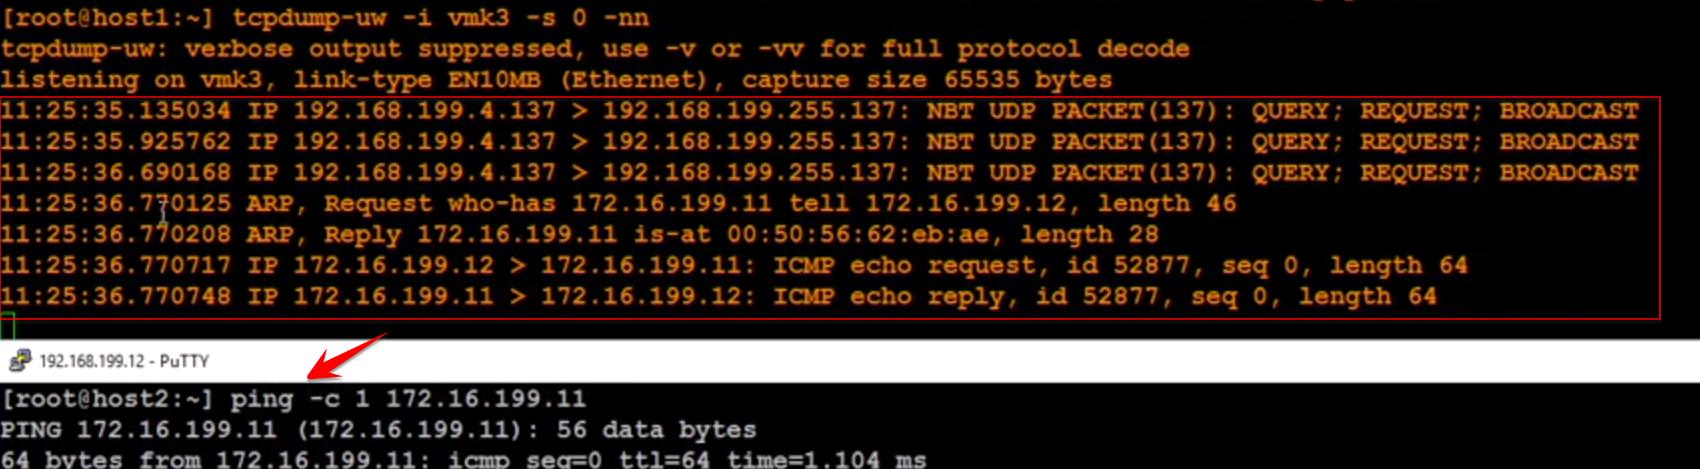 مشاهده ترافیک در کارت شبکه های مجازی VMware ESXi از طریق ابزار tcpdump